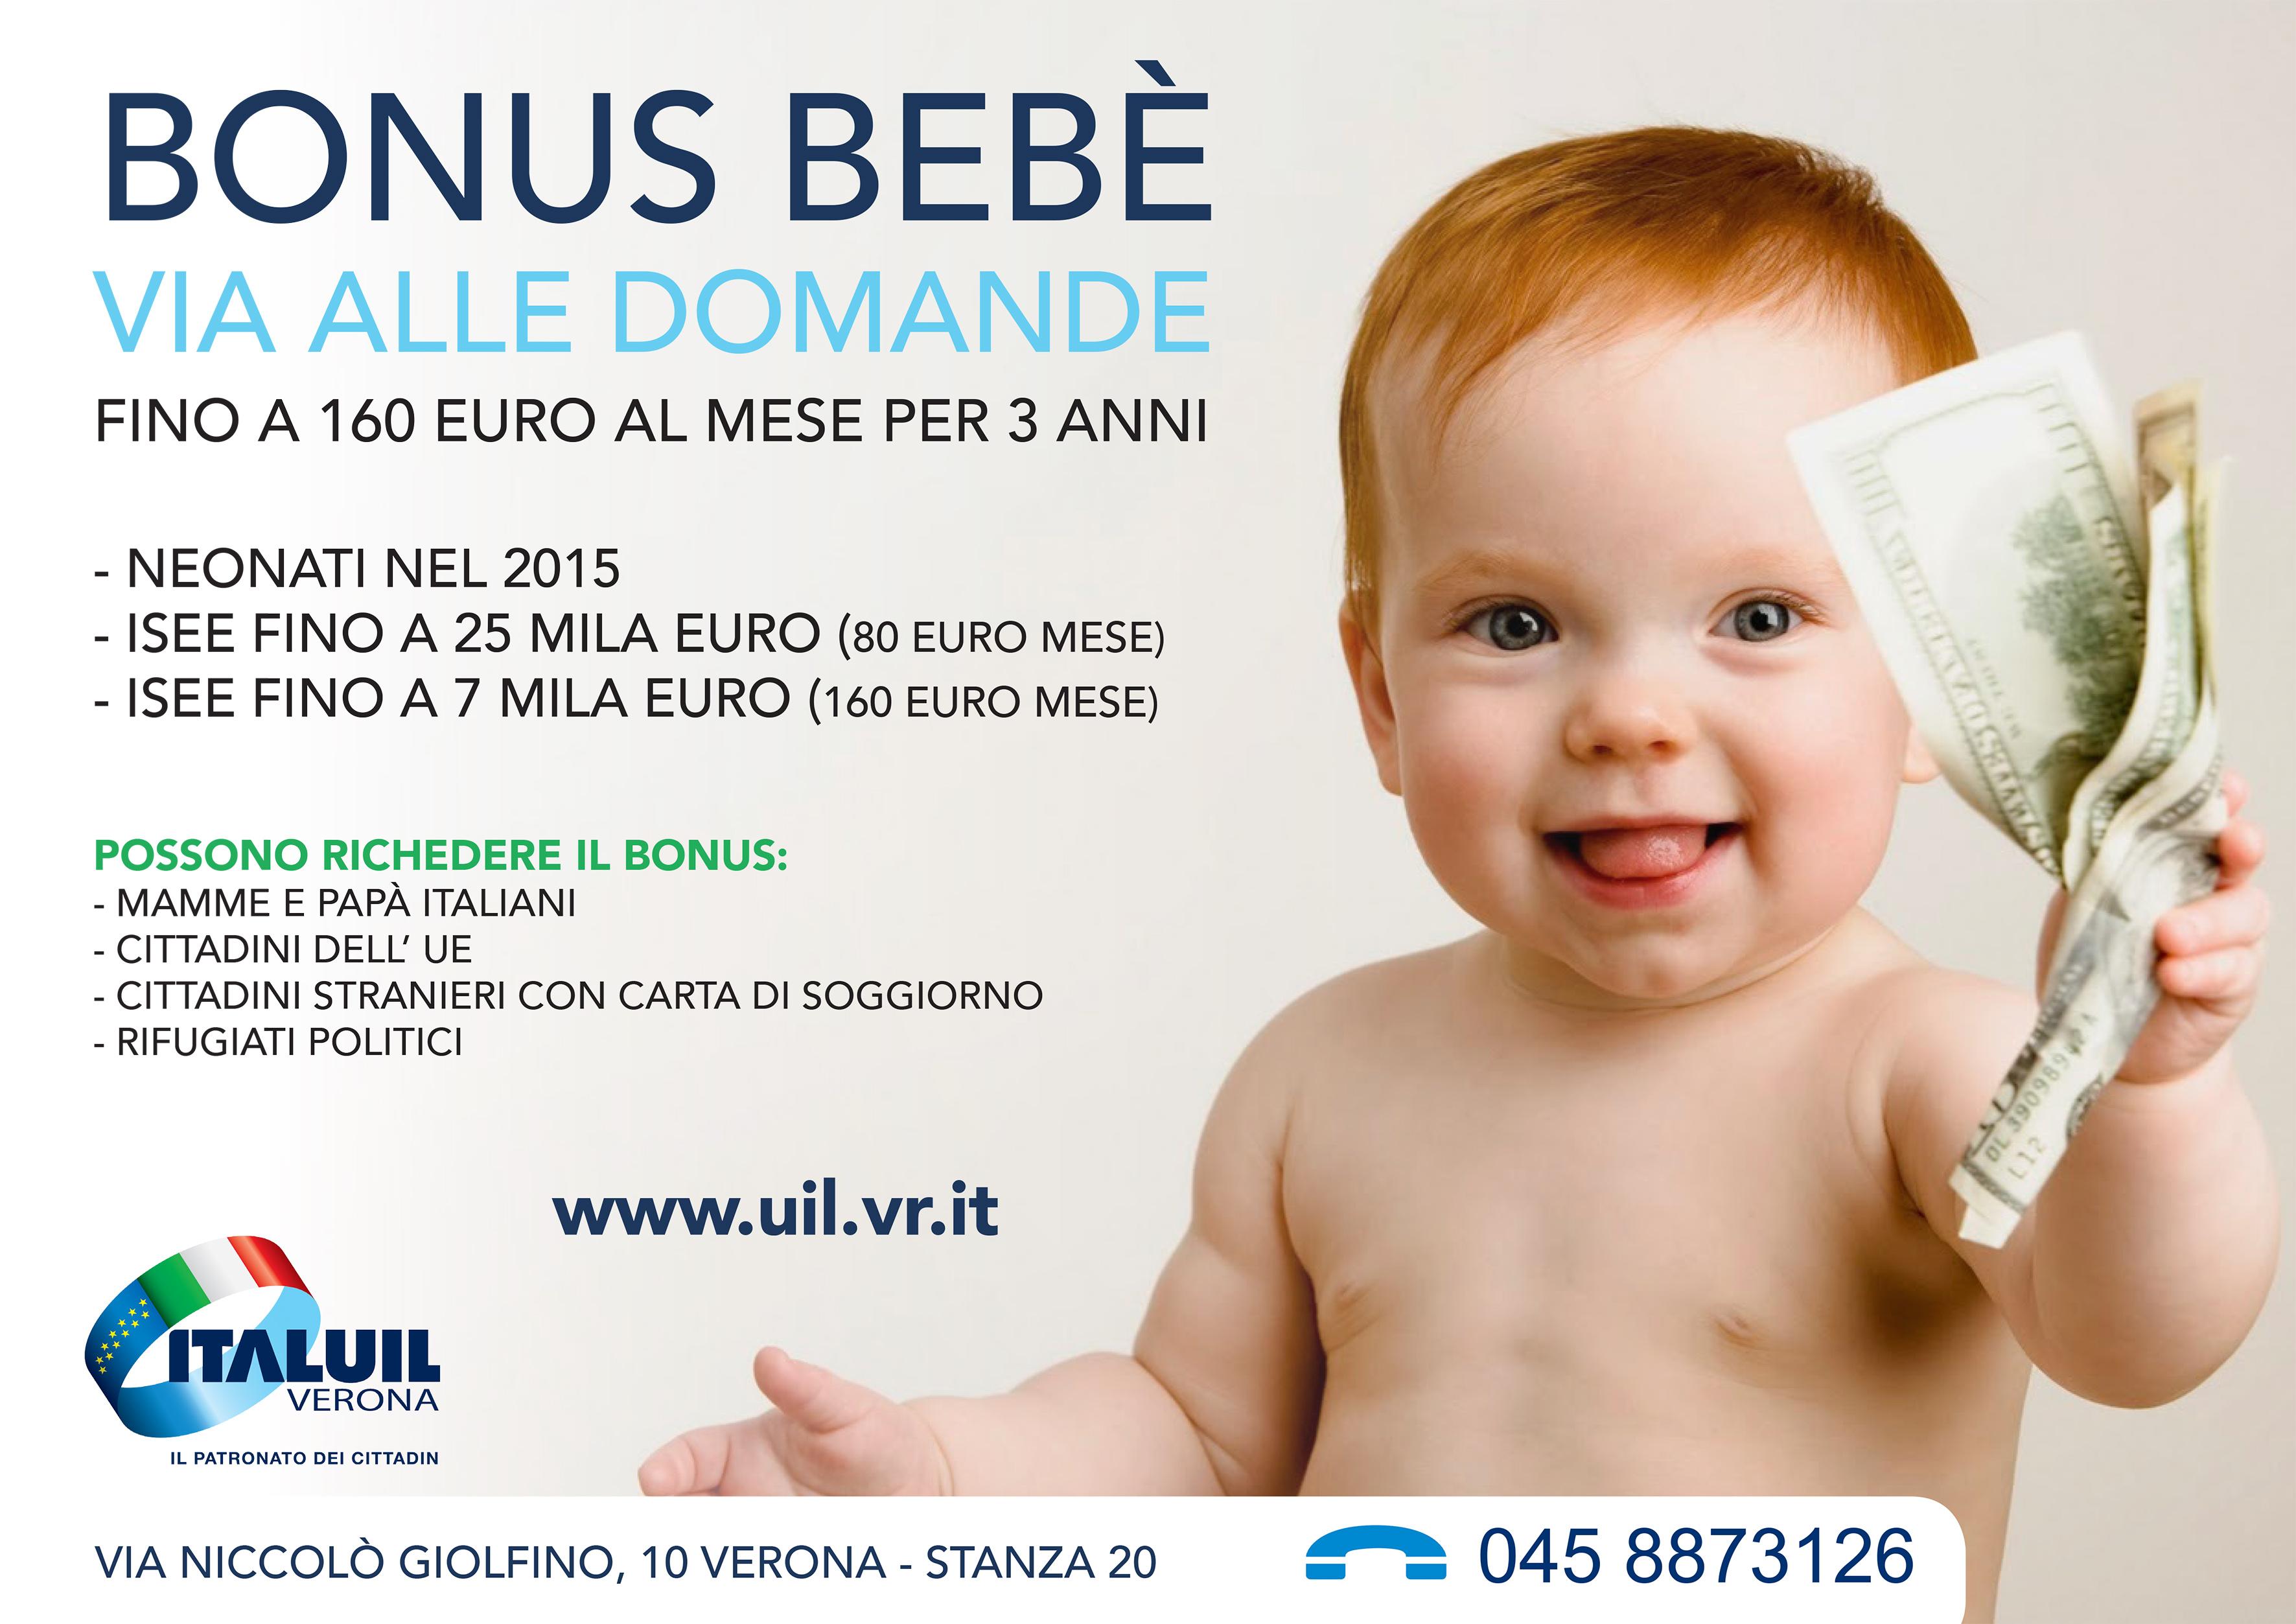 Bonus bebè, via alle domande. Fino a 160 euro al mese per tre anni ...